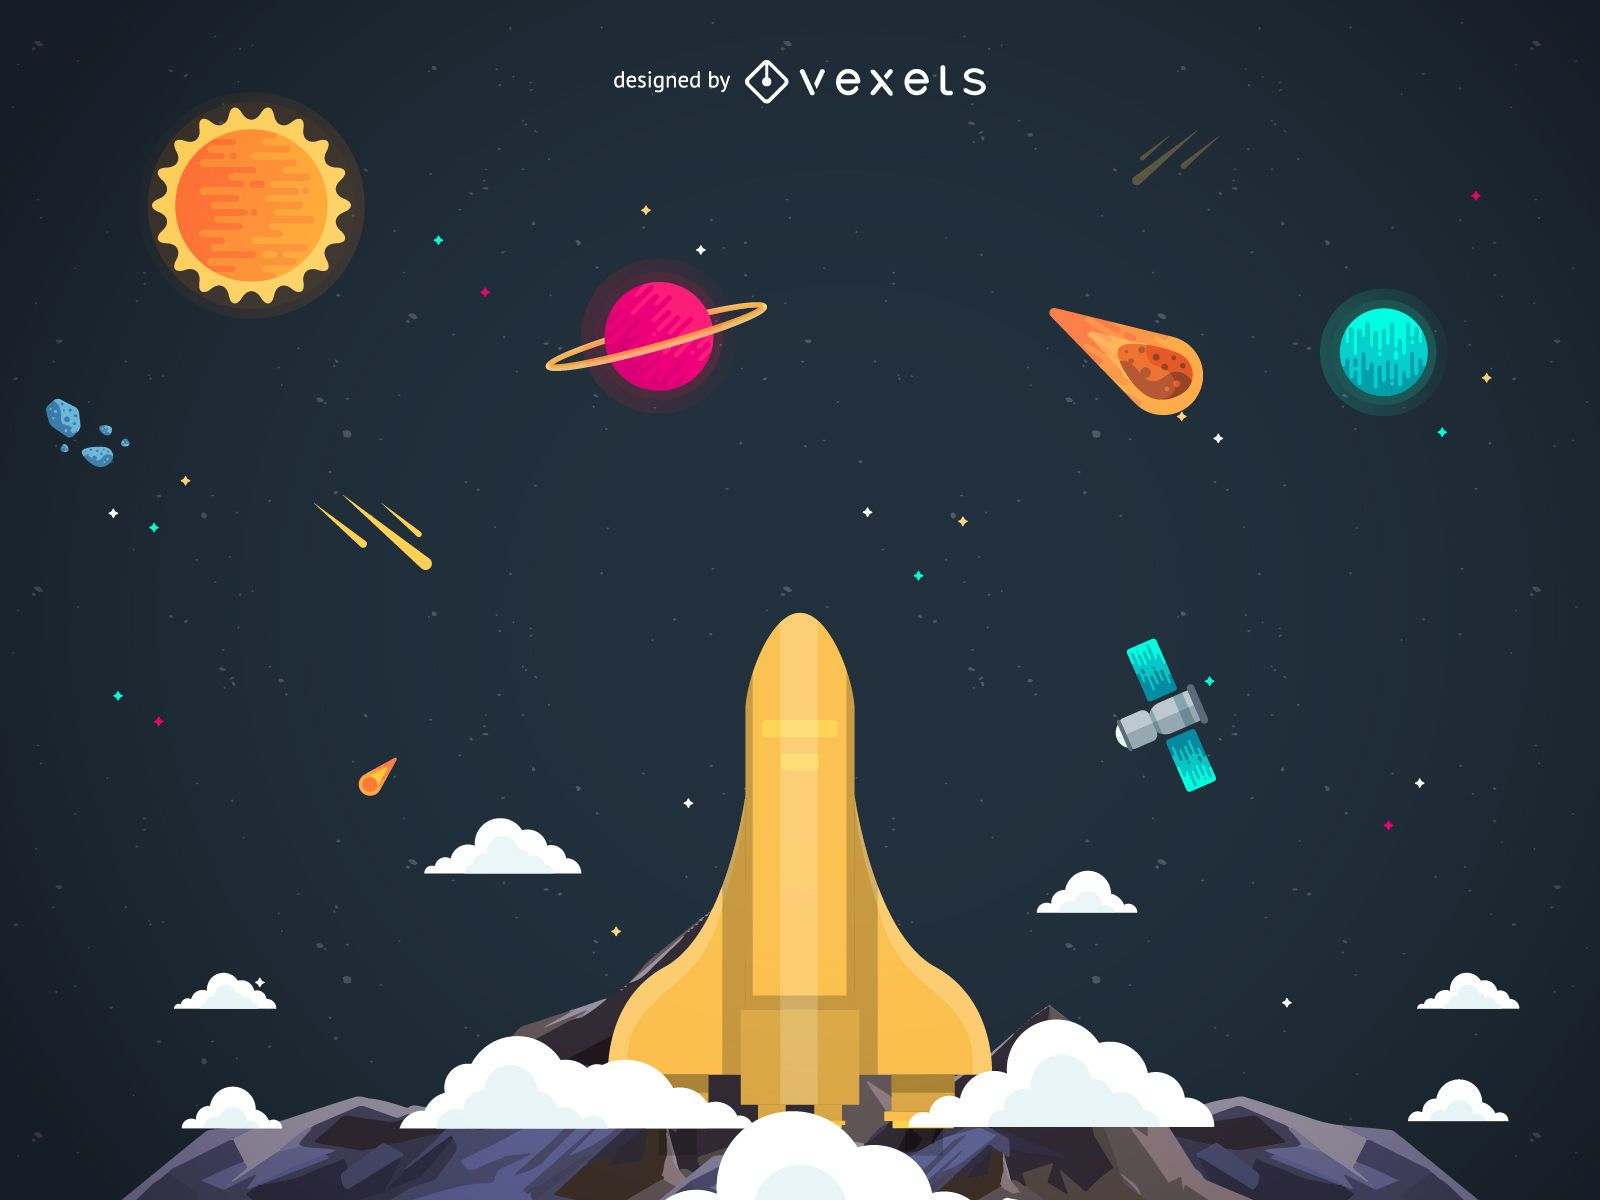 Nave espacial lanzando al cielo ilustración